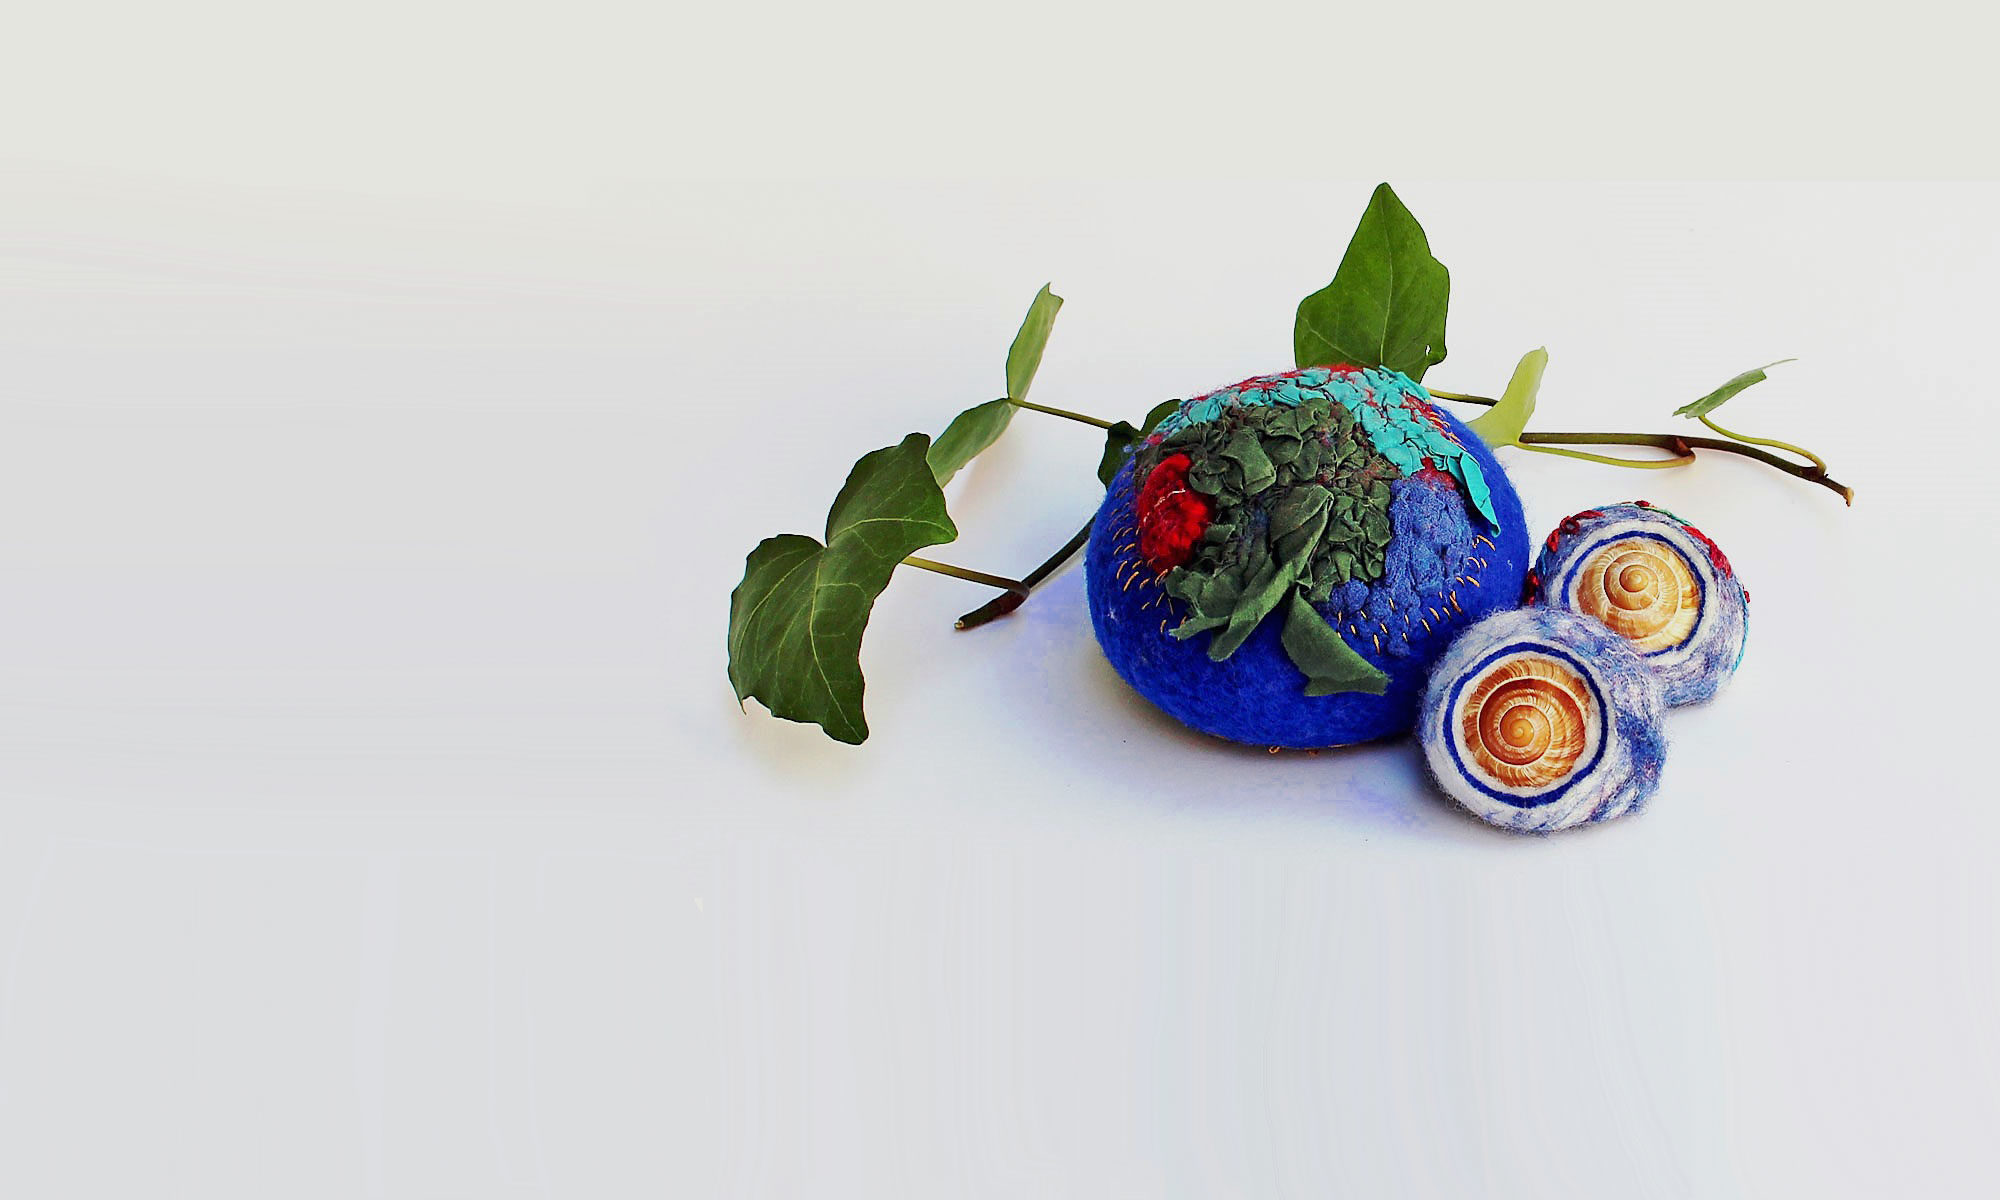 peperblom handwerkskunst & naturmode